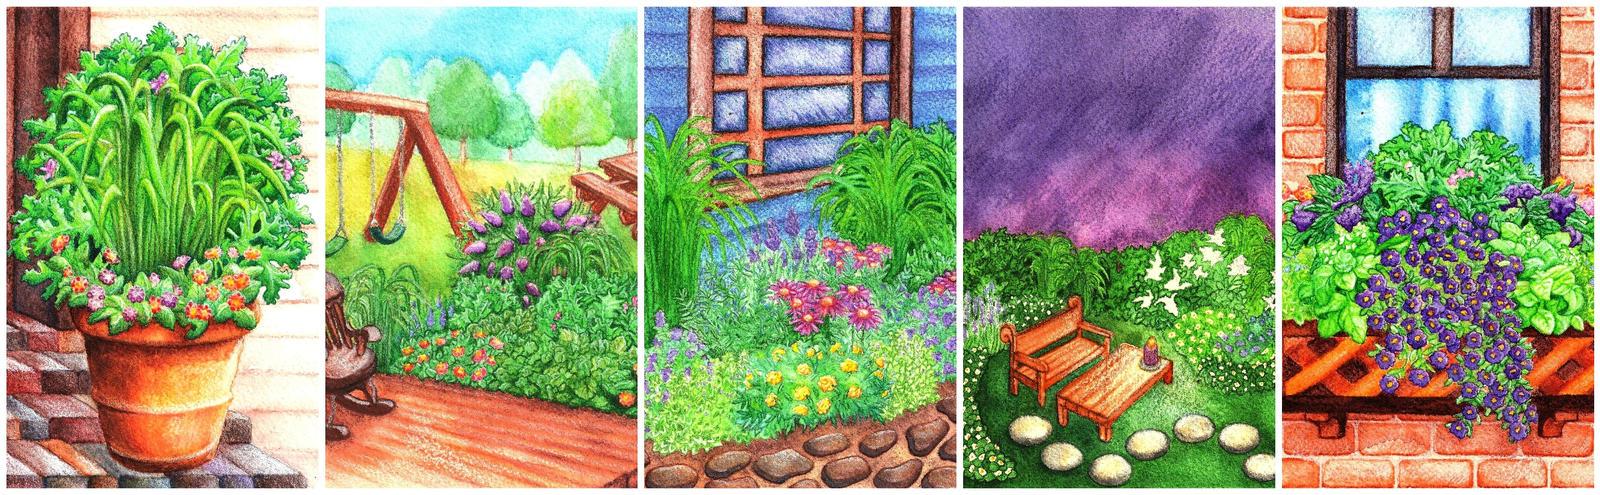 Garden Quintet by LivMyers